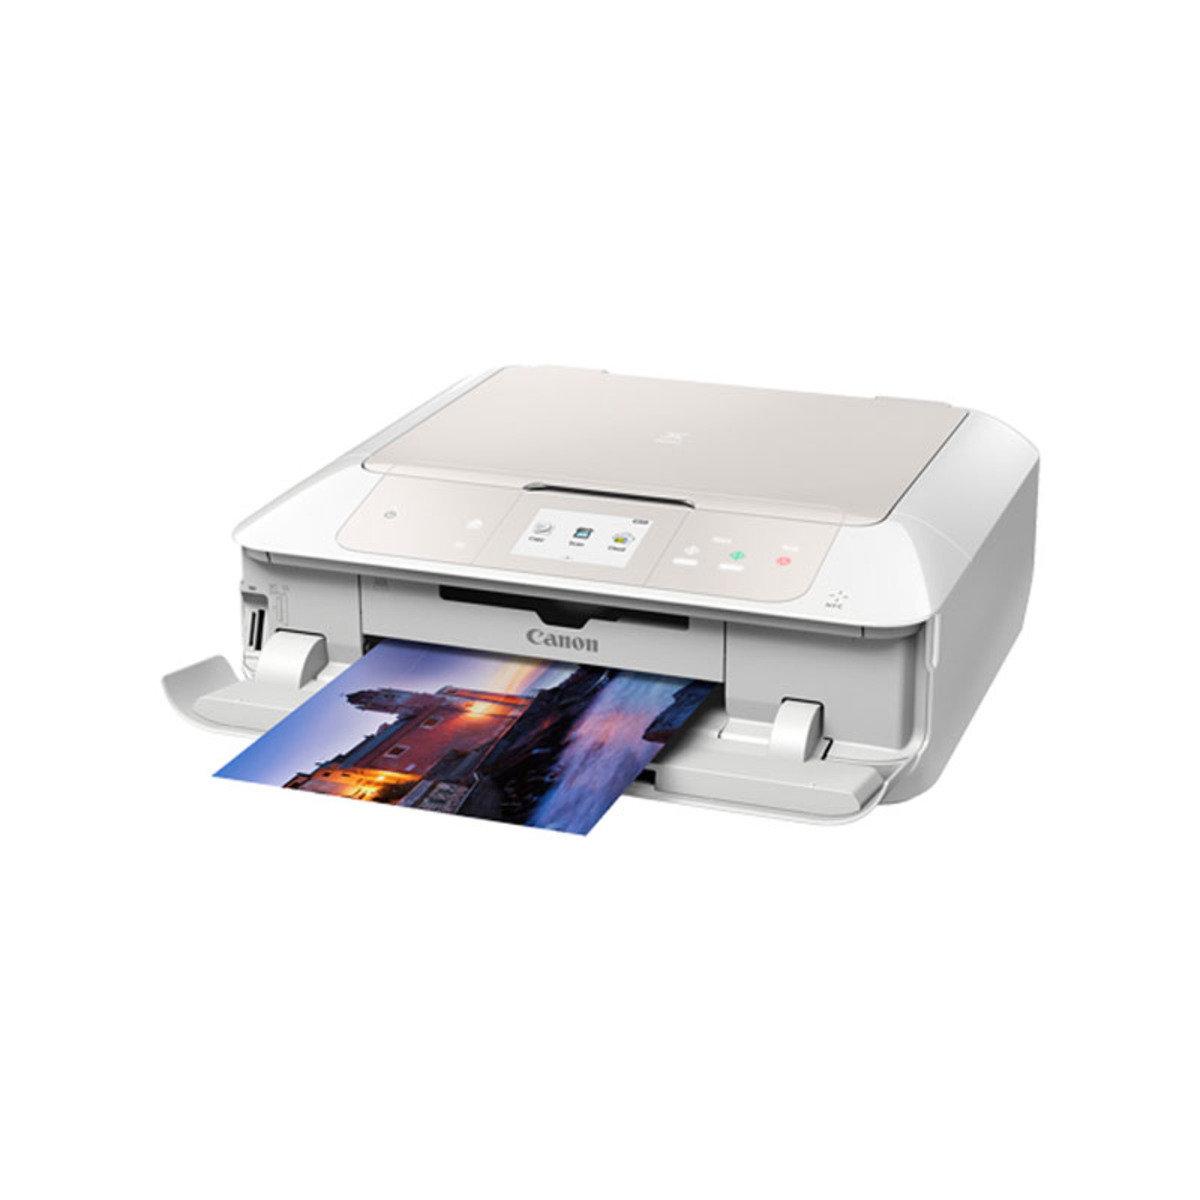 彩色打印 掃瞄 影印 多合一噴墨相片打印機 MG7770 白色